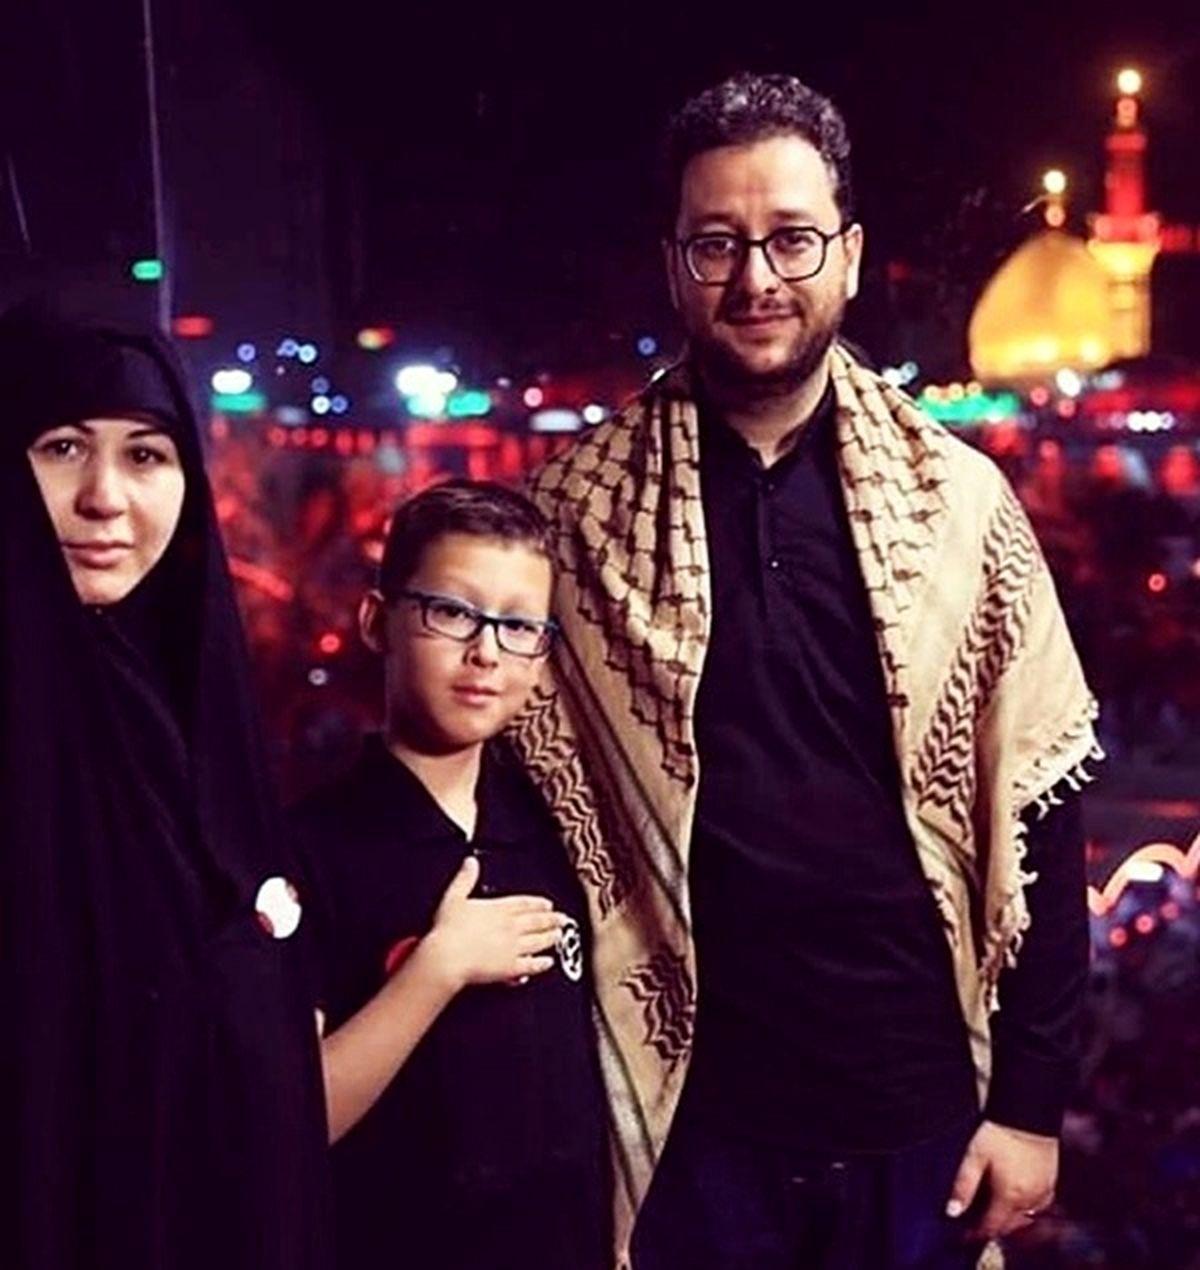 رقص و آواز بشیر حسینی داور عصرجدید در خیابان +فیلم جنجالی